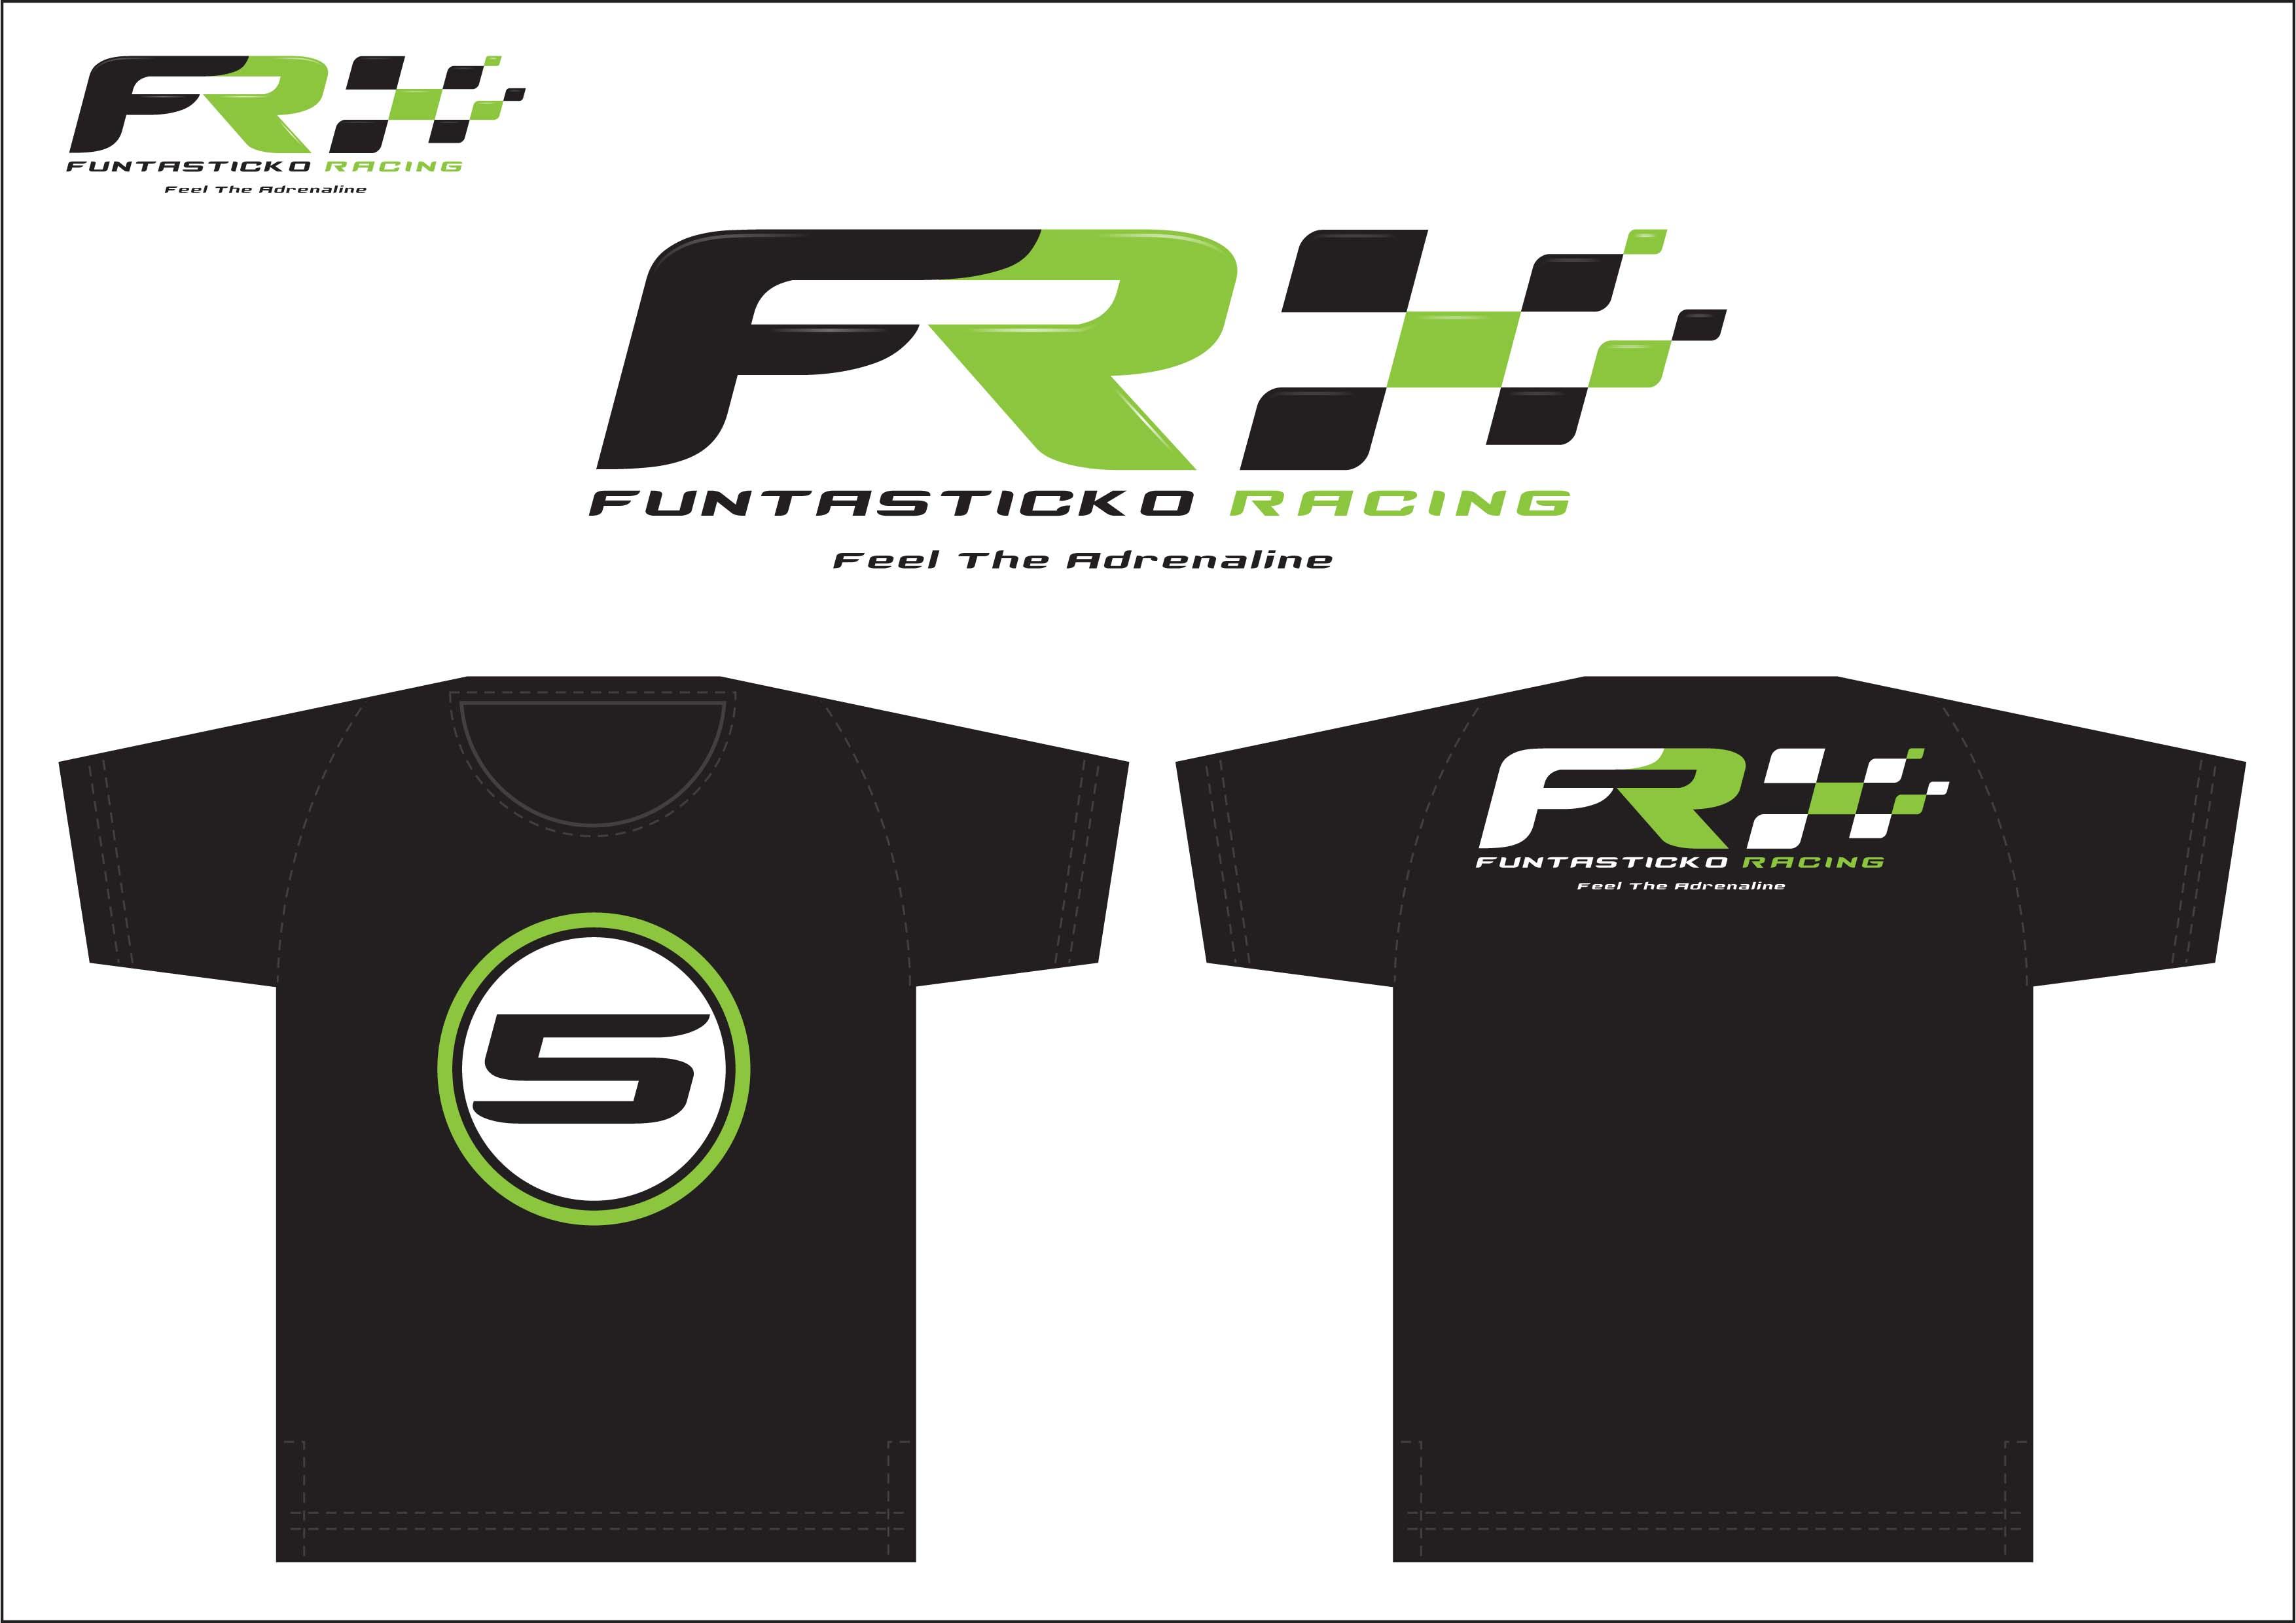 Room Design Software Free Funtasticko Racing Logo Joy Studio Design Gallery Best